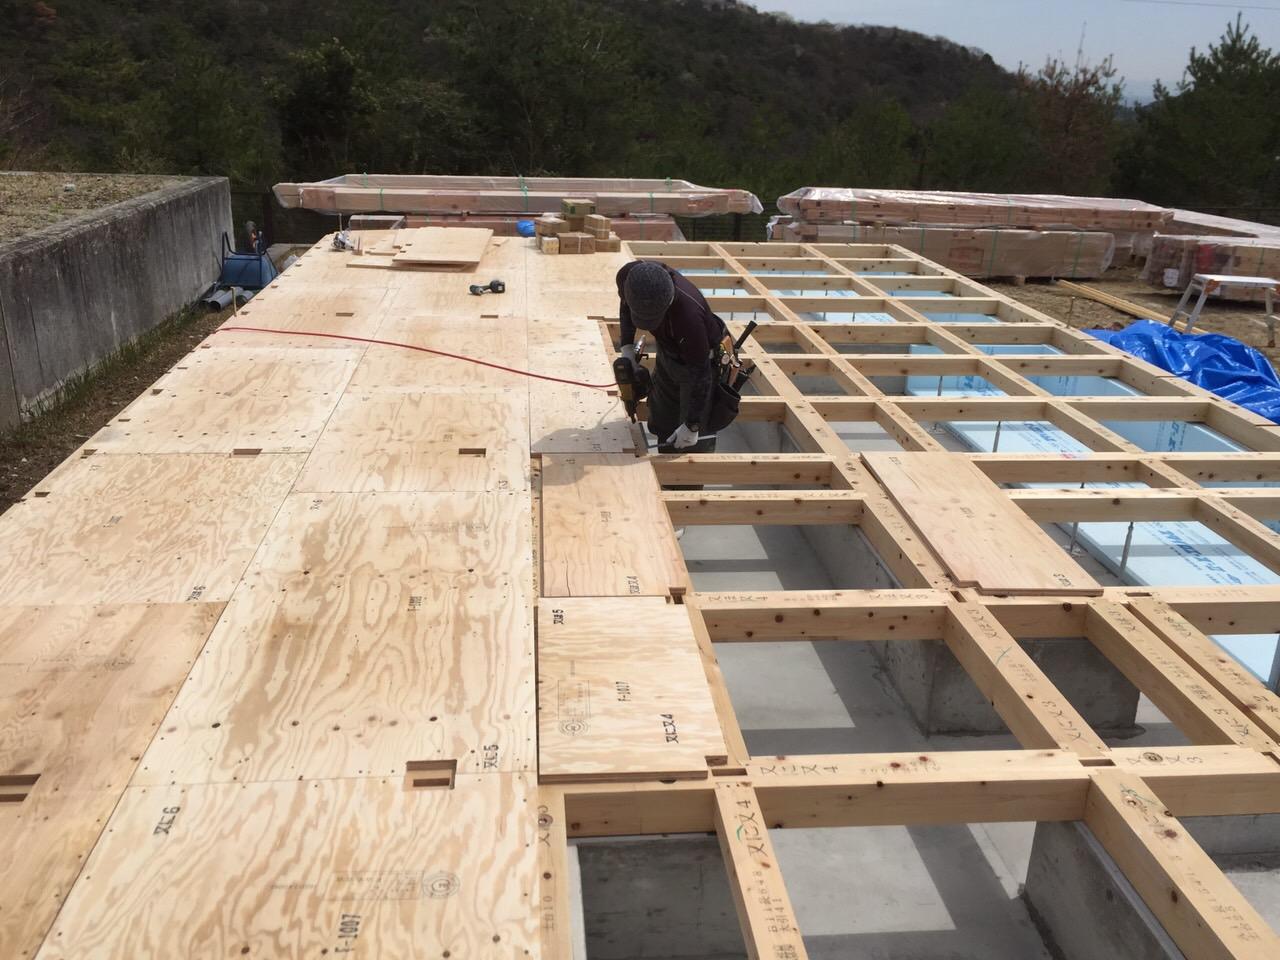 『大きな窓から四季を感じるカフェみたいな家』土台工事が完了しました!